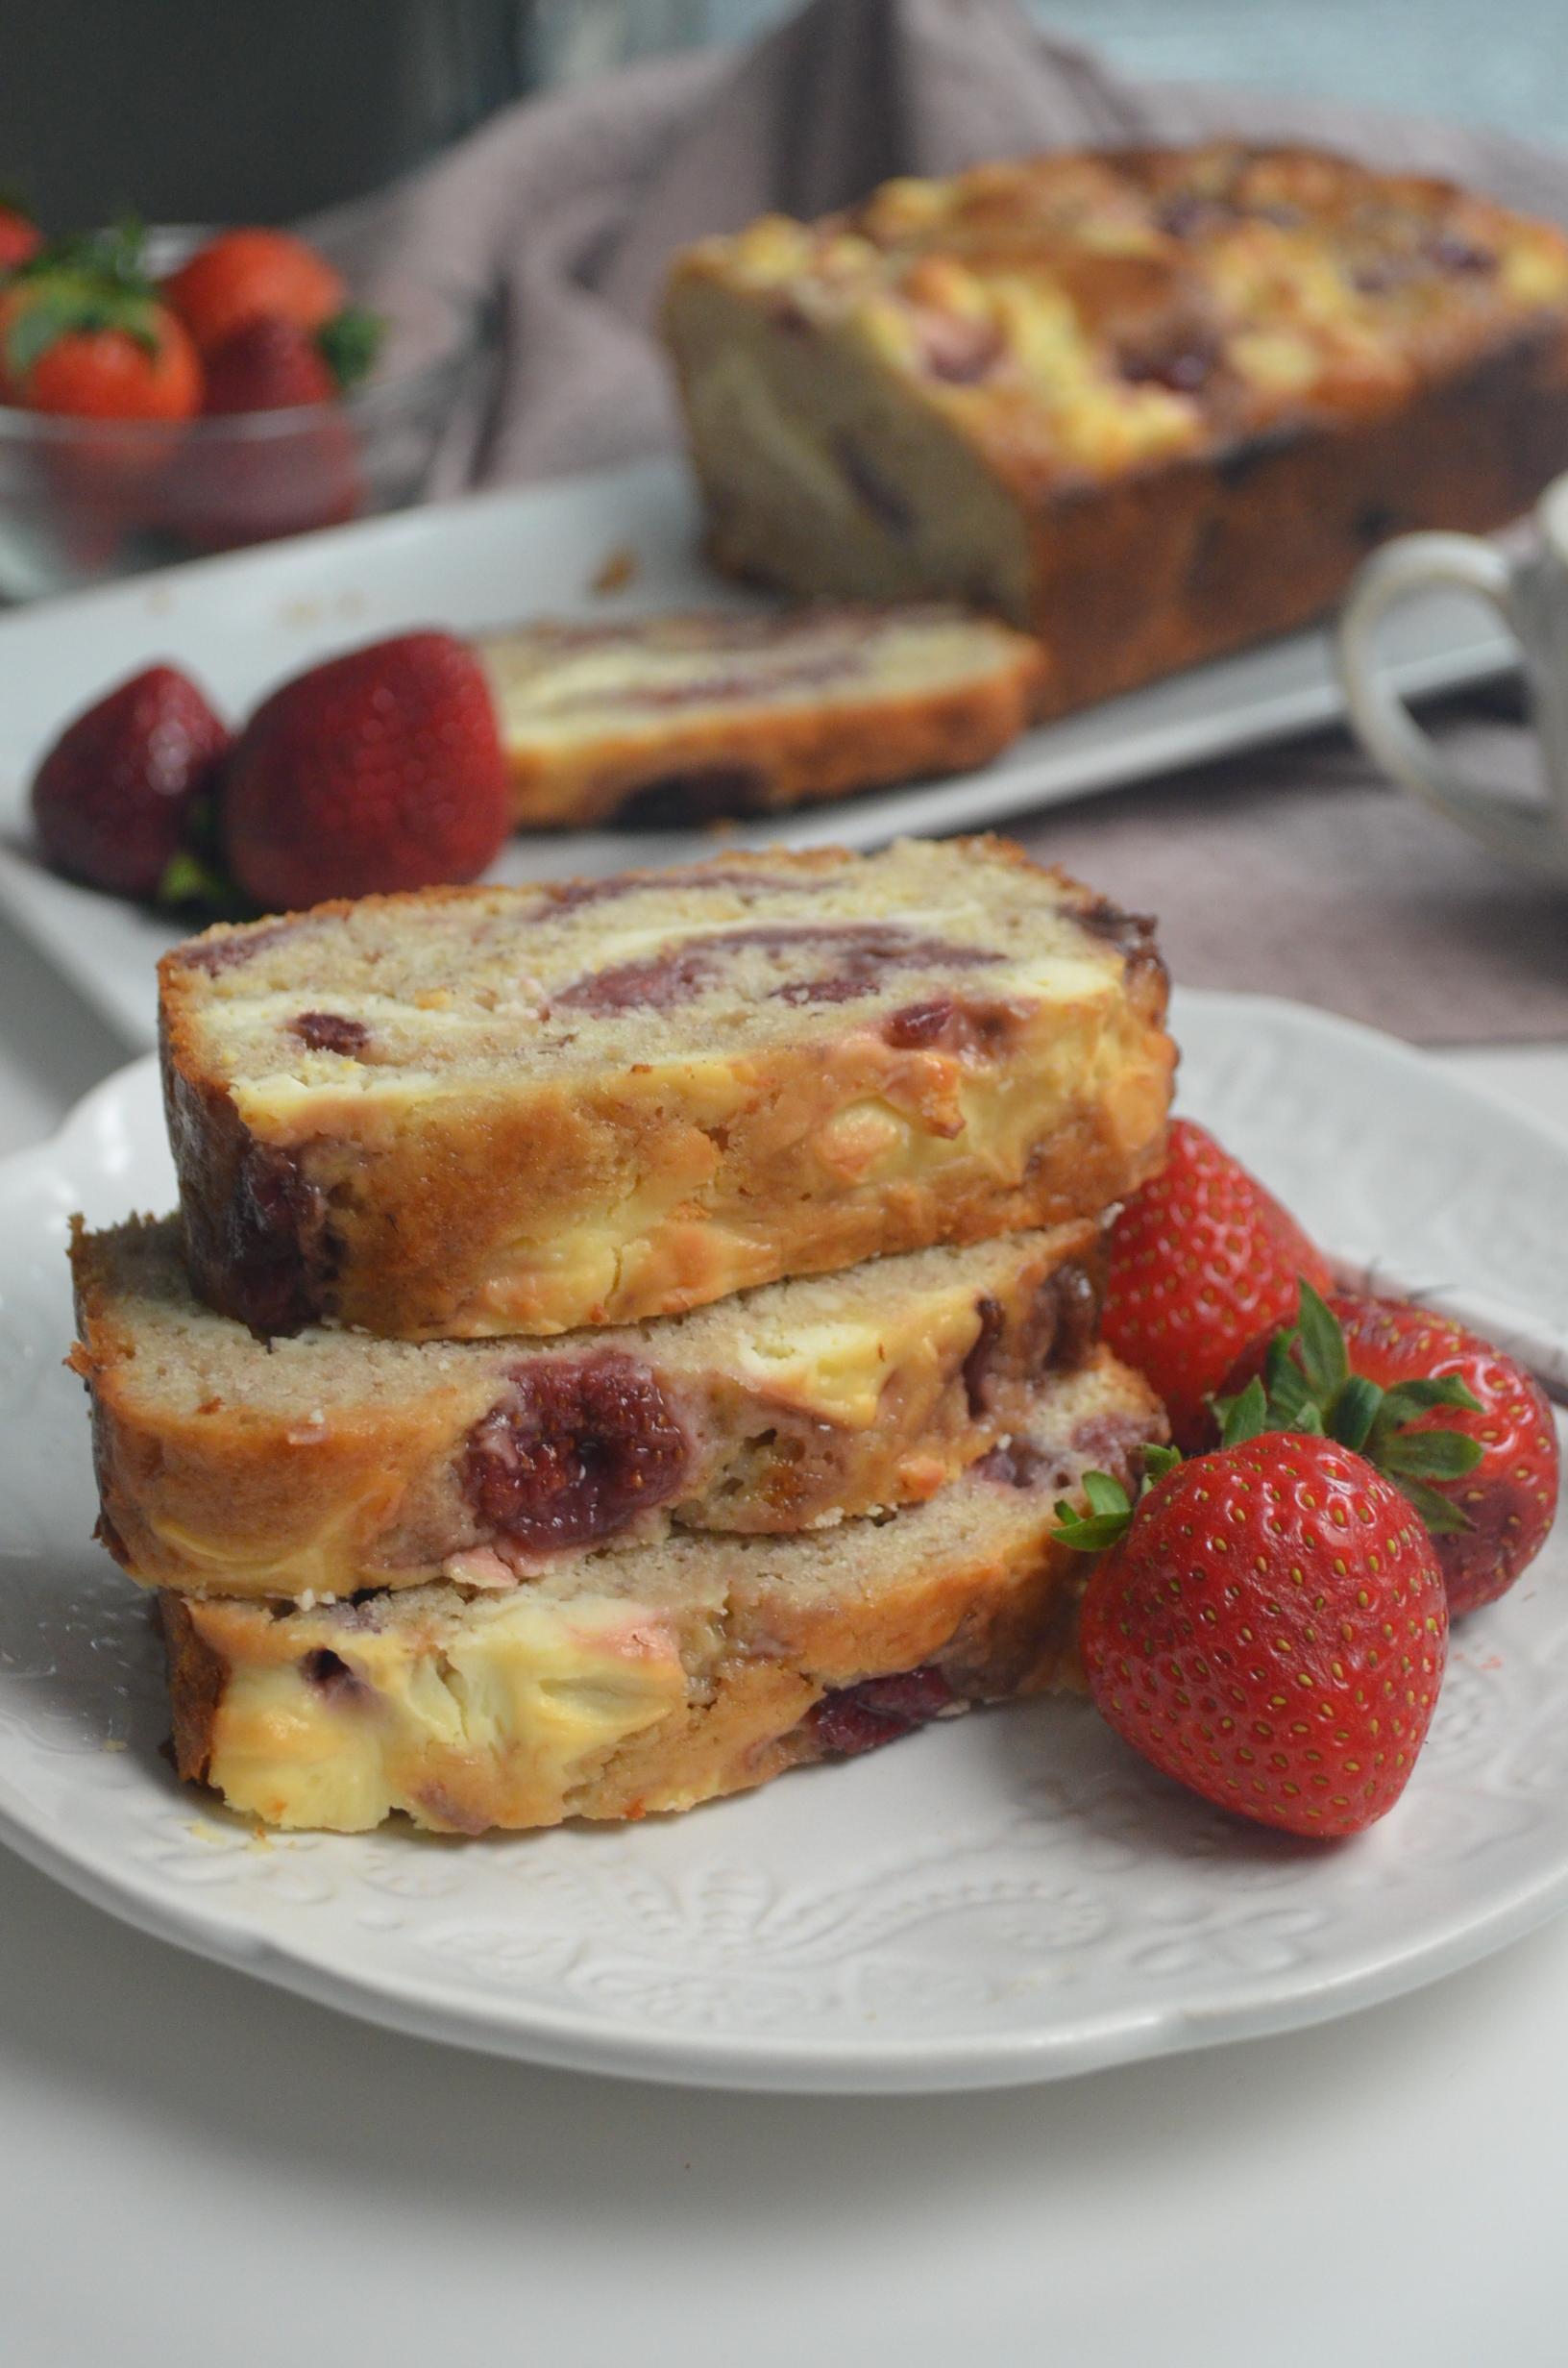 Strawberry Cream Cheese Swirl Banana Bread